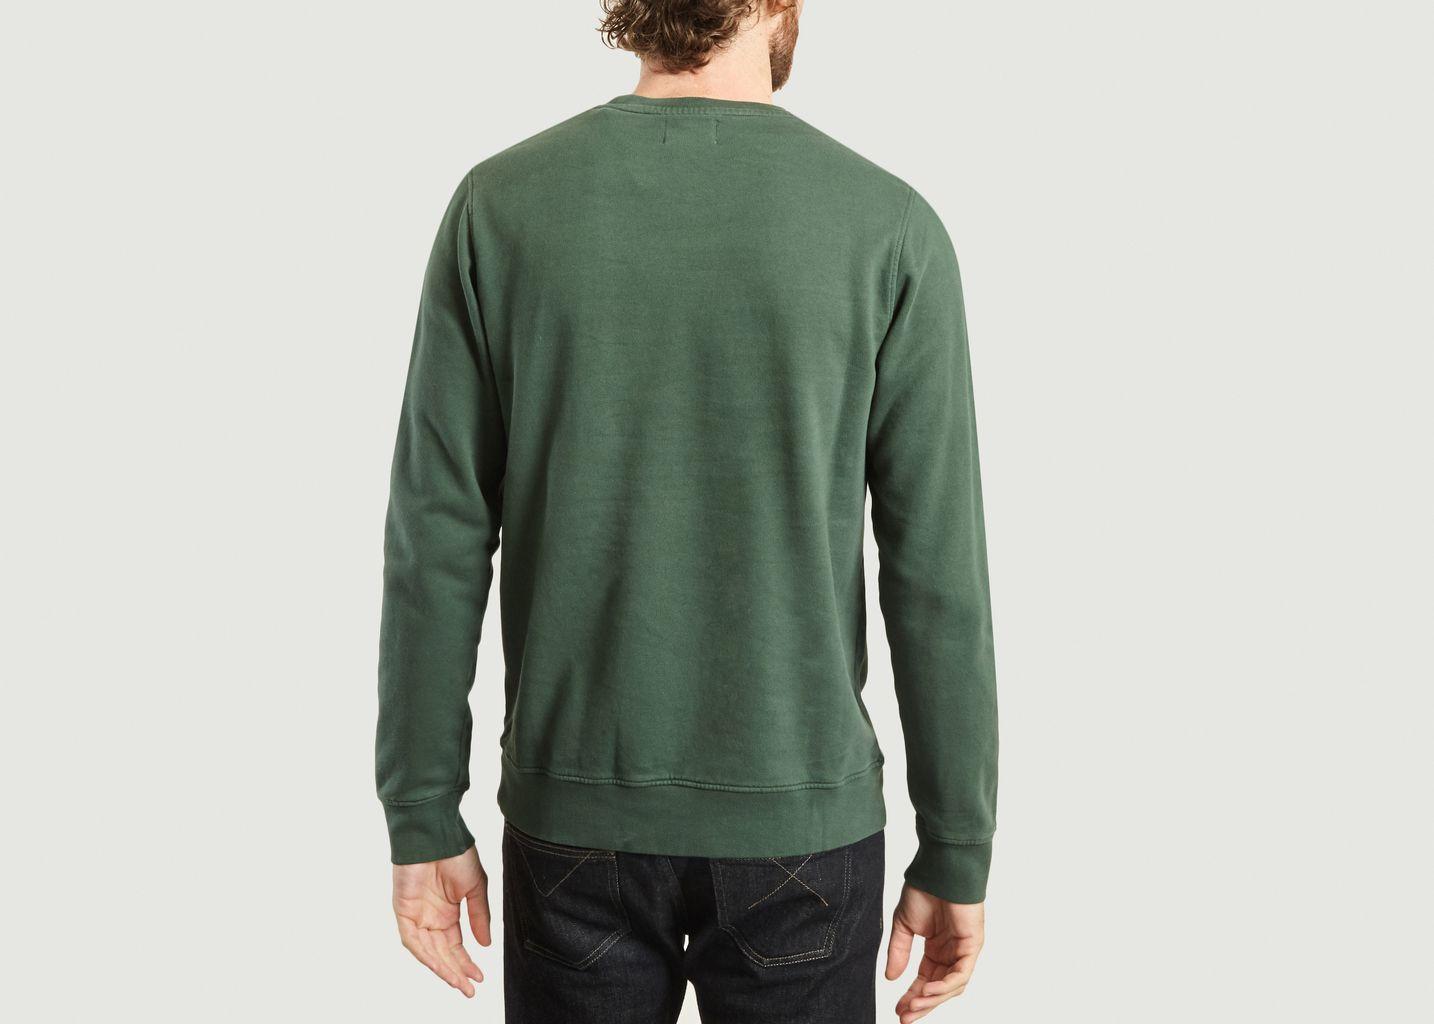 Sweatshirt Classique En Coton Bio - Colorful Standard